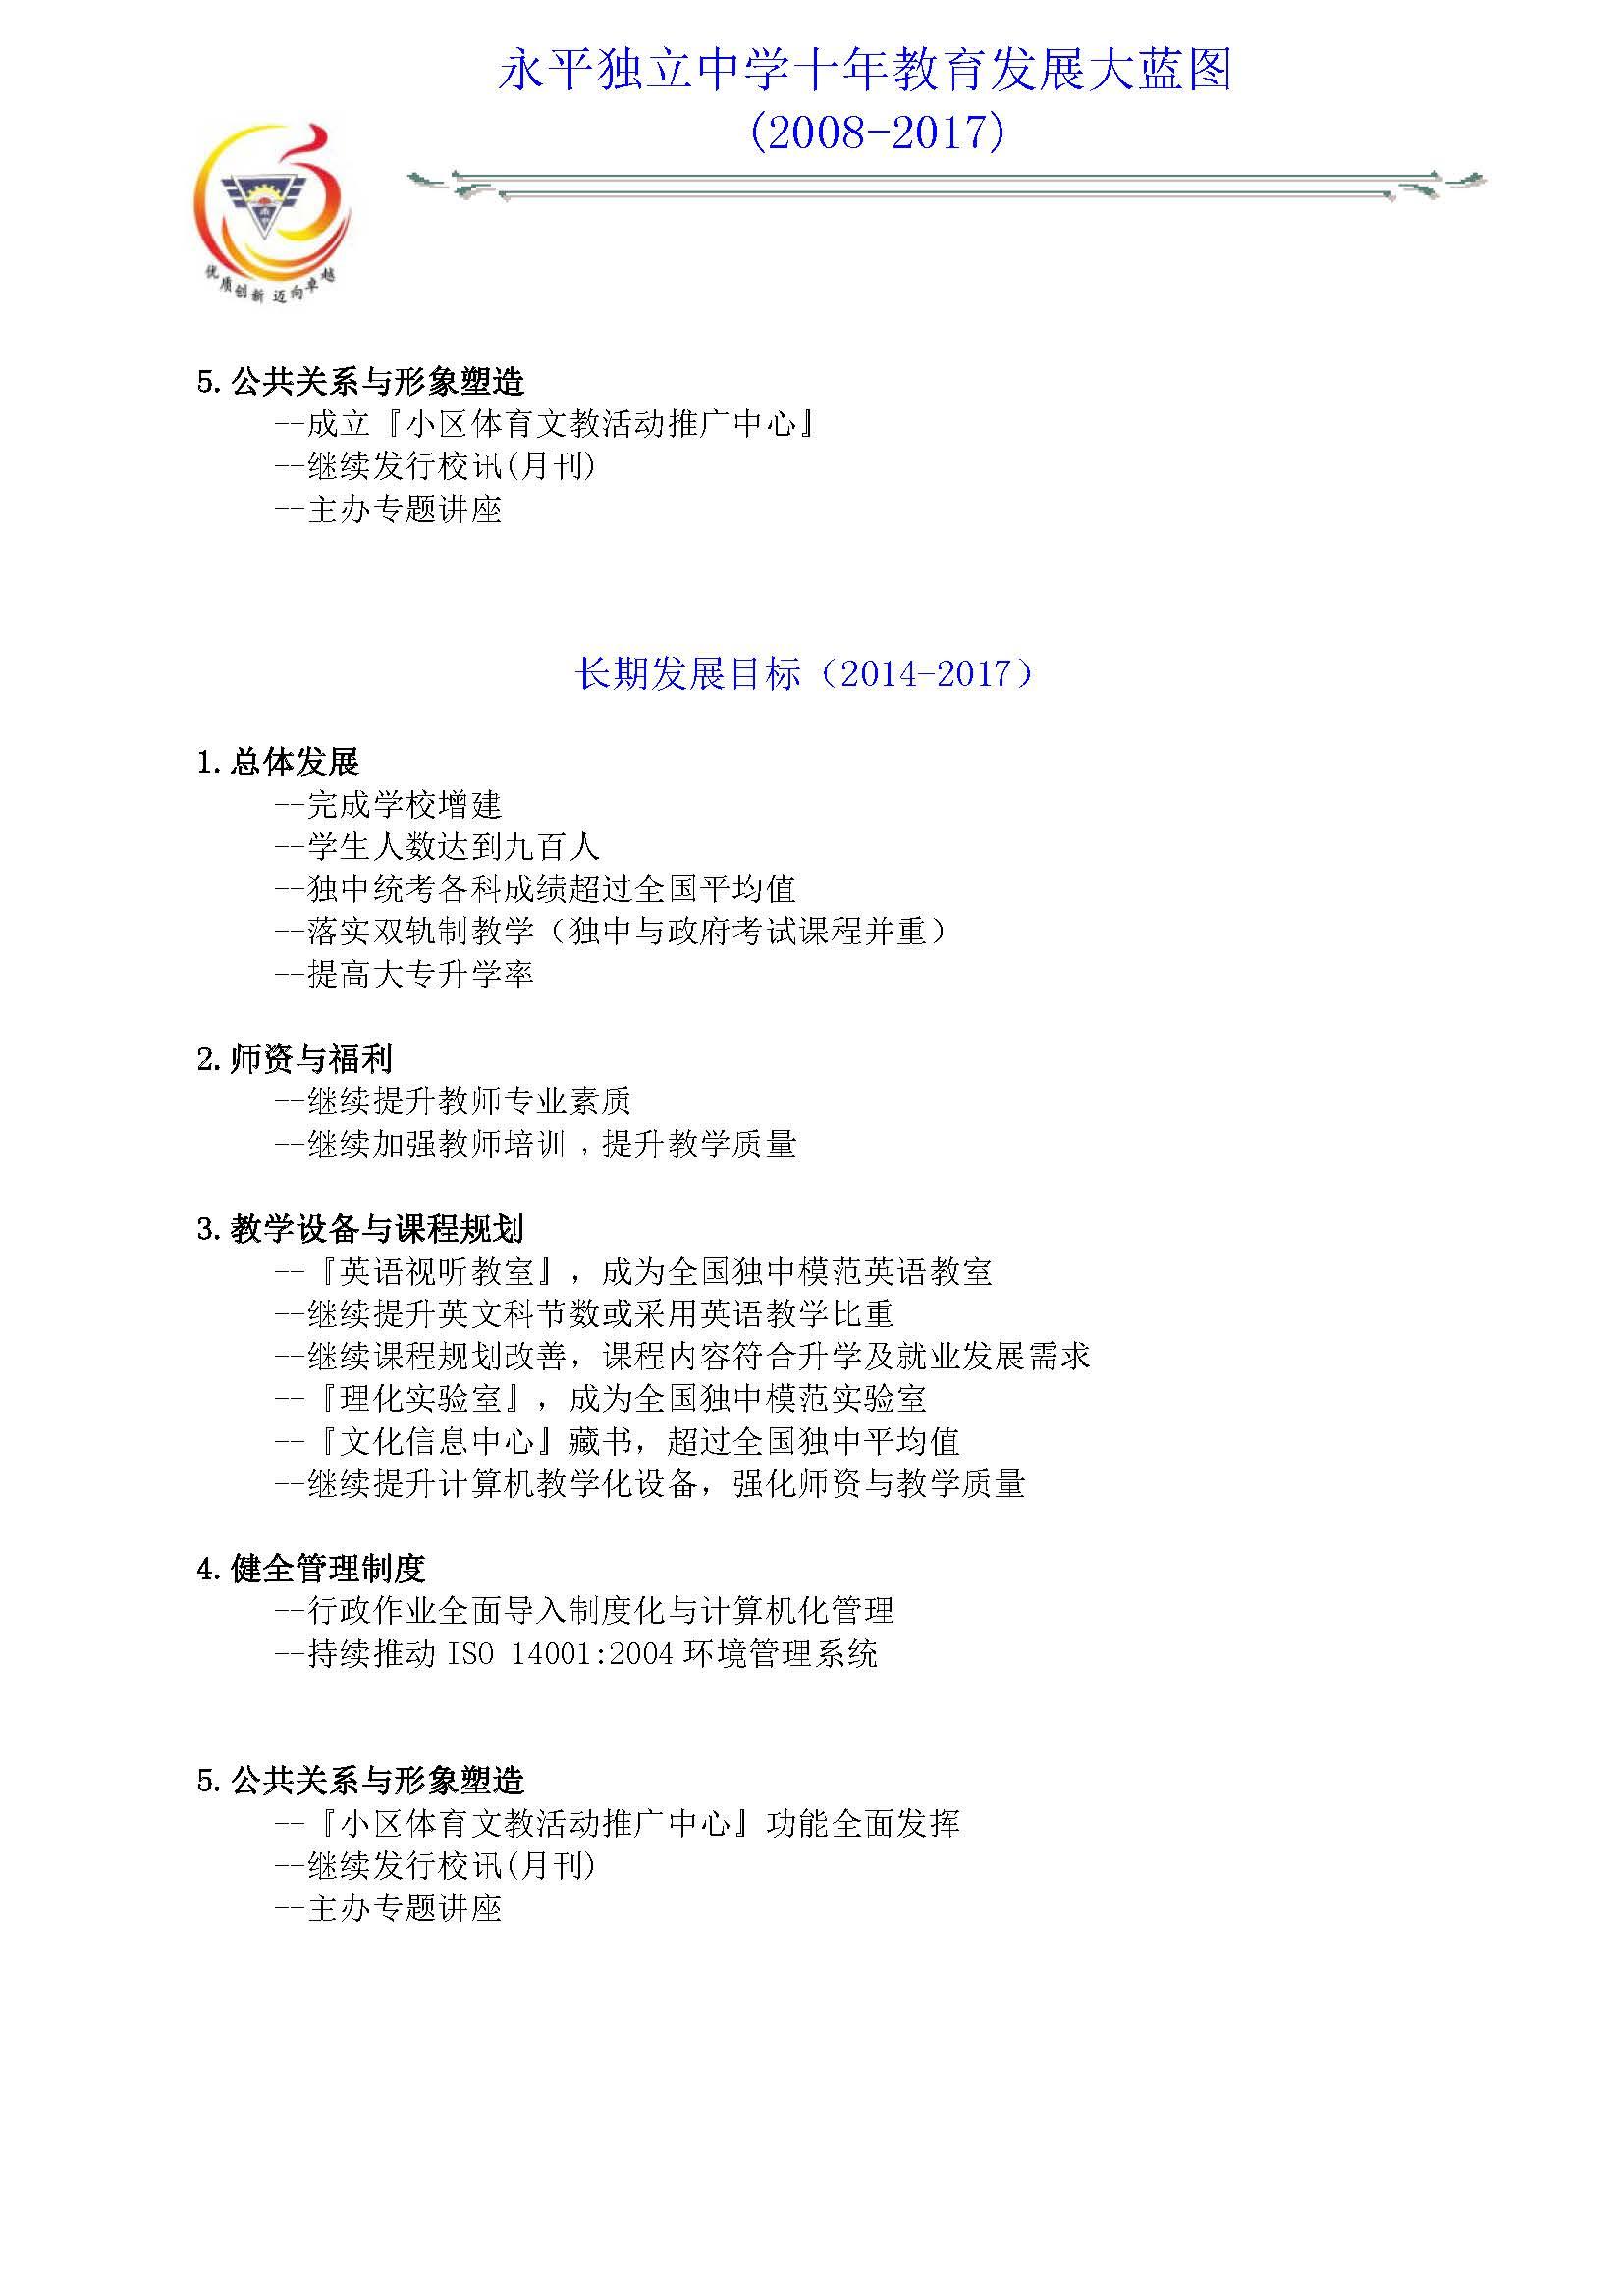 永平独立中学十年大蓝图-ok_Page_5